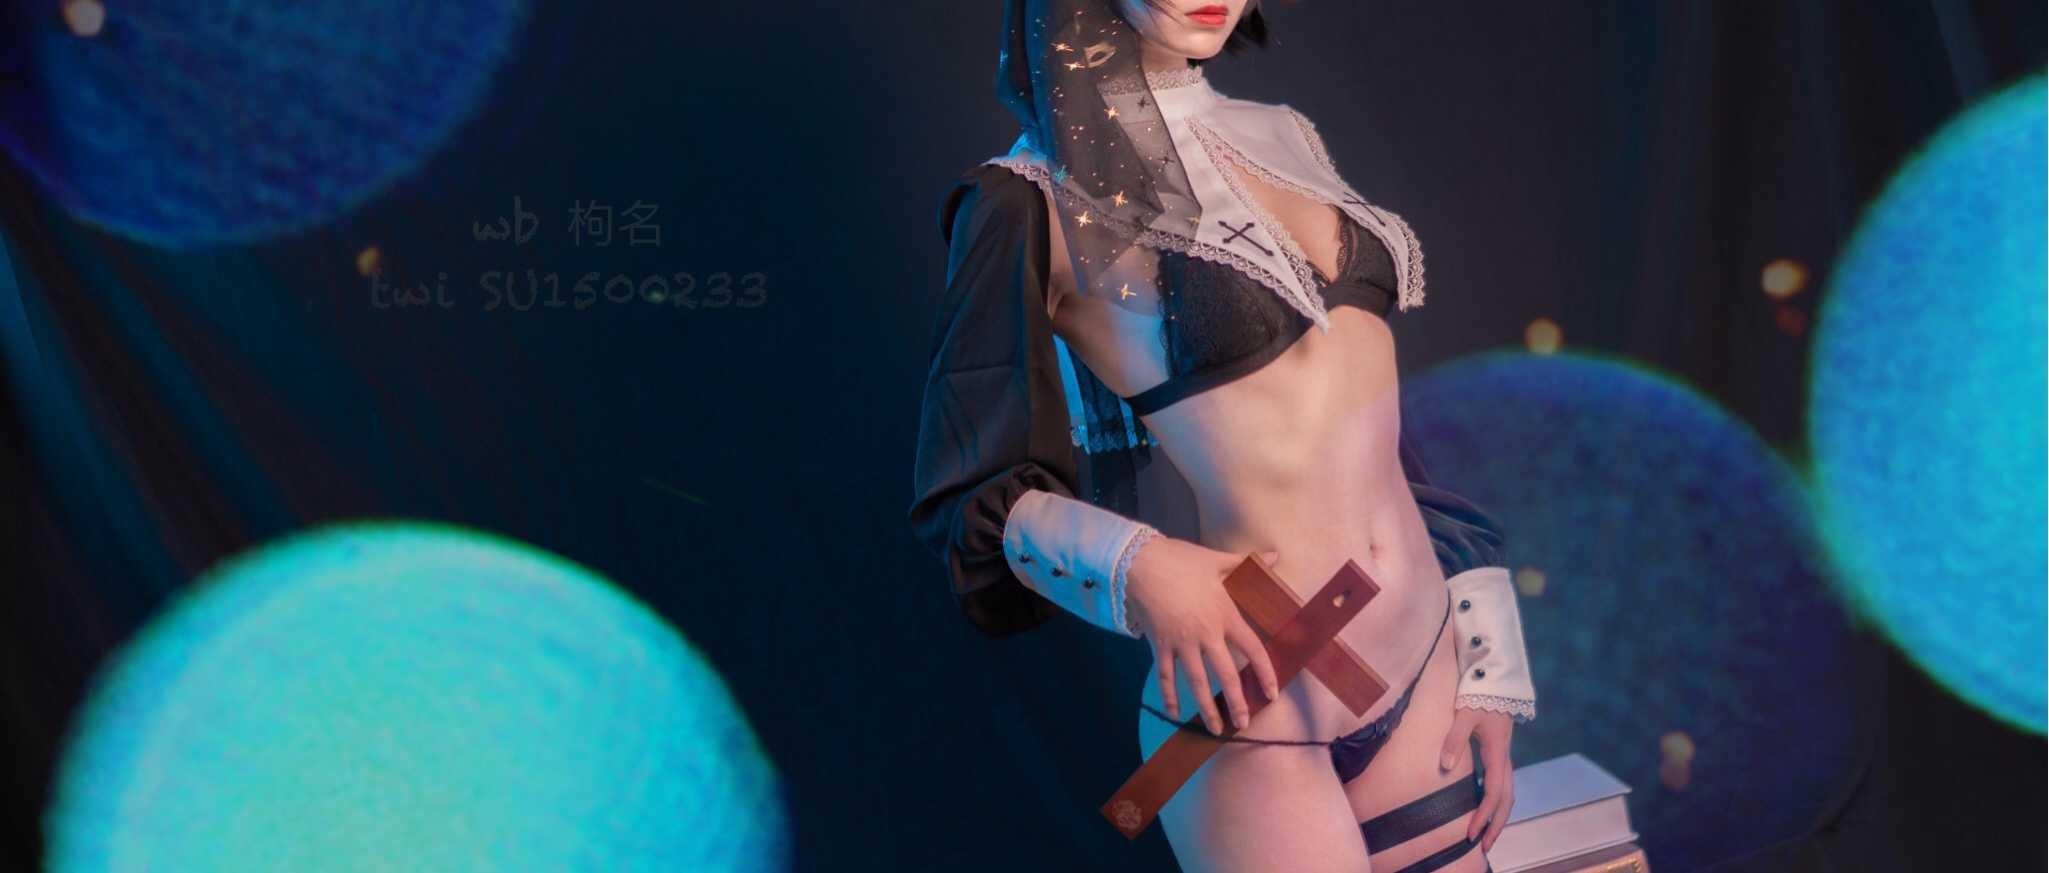 ⭐cos套图⭐逐月su@coser图片-修女 58P插图2